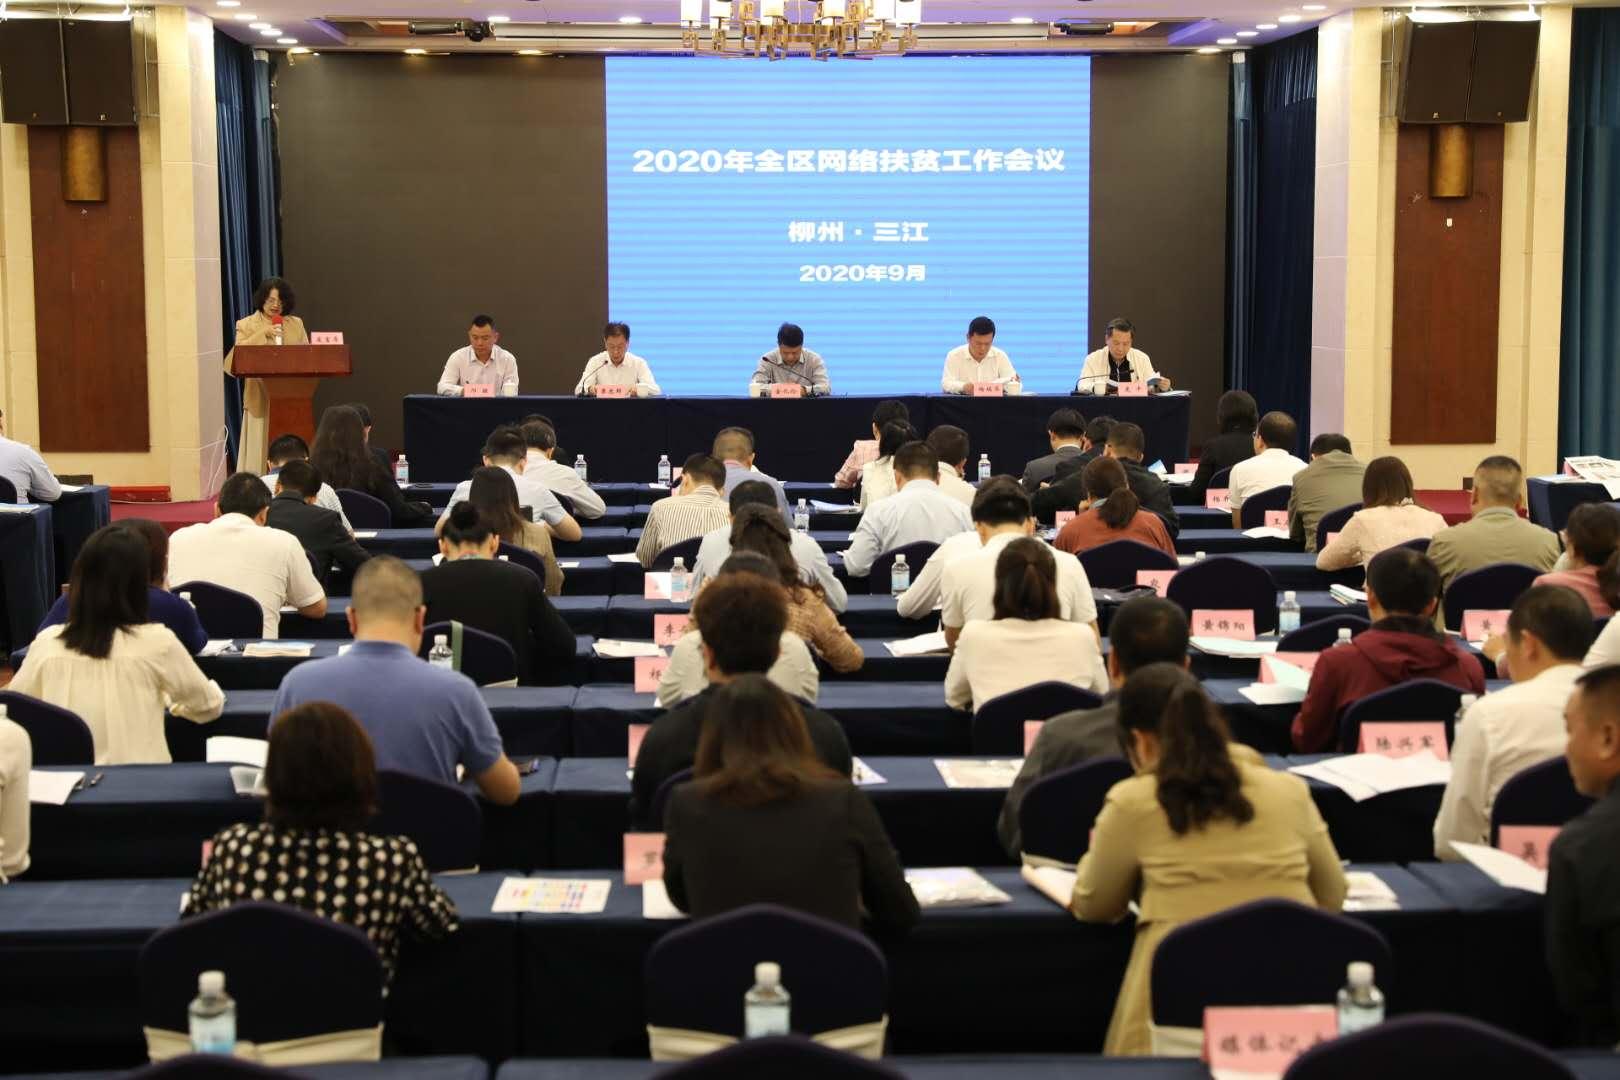 2020年全区网络扶贫工作会议在柳州三江召开